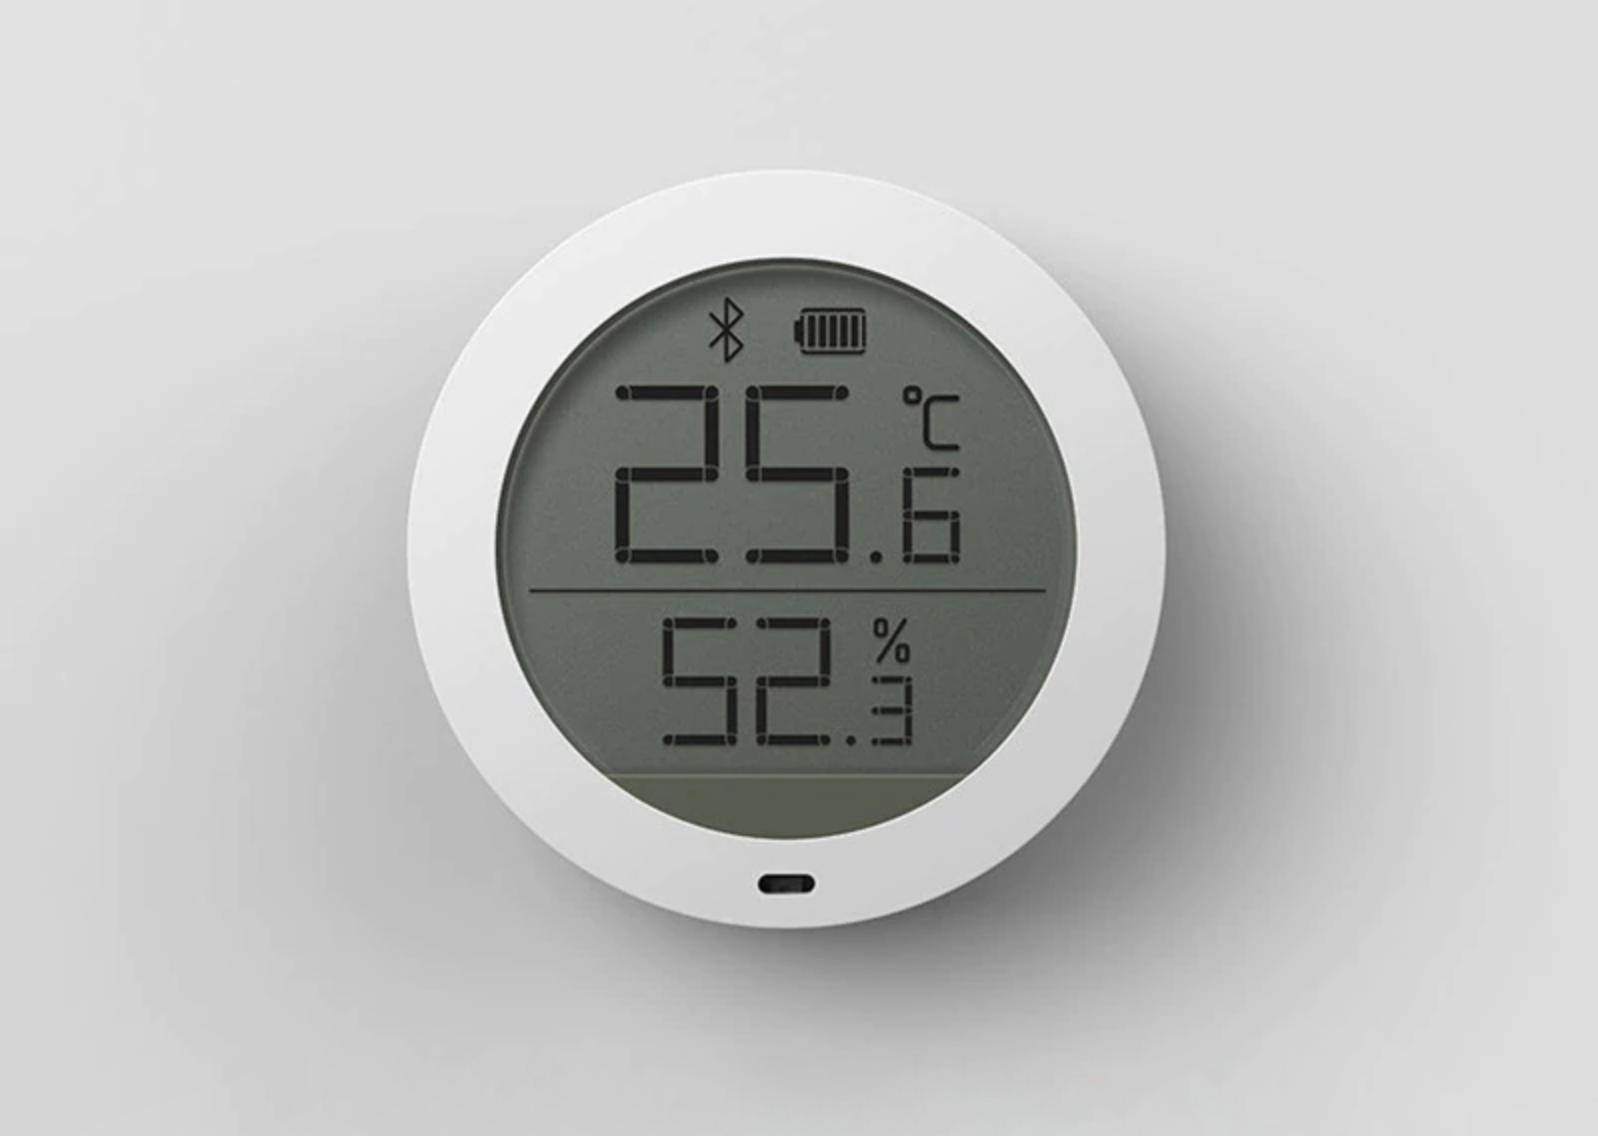 Умный термометр-гигрометр Xiaomi Mi Smart Temperature & Humidity Monitor за $11